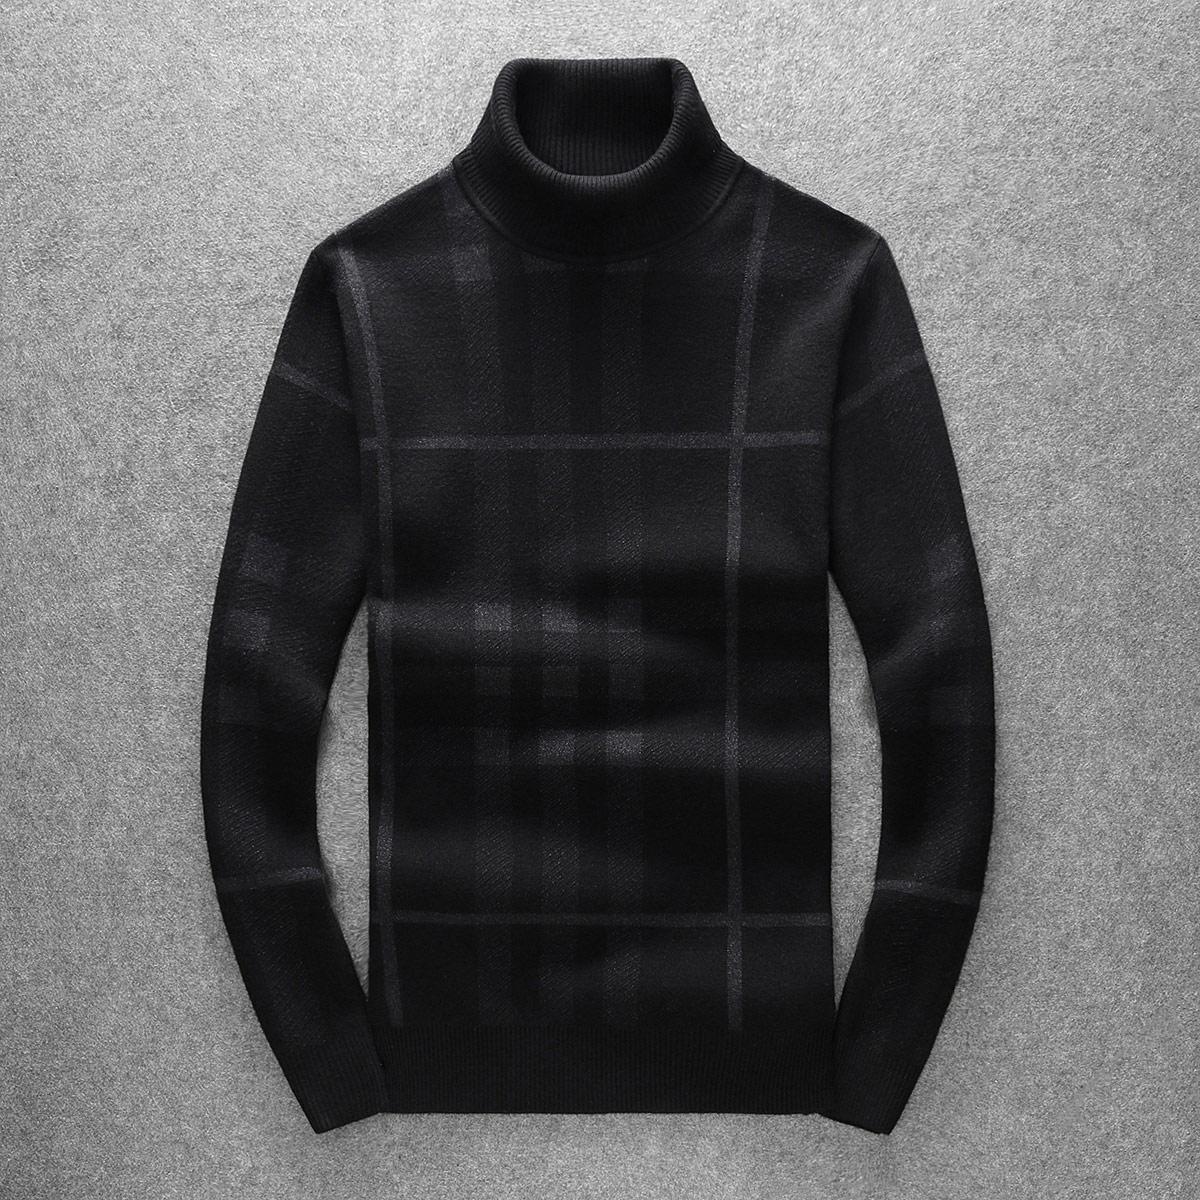 欧洲站冬装男式高领套头羊毛衫潮流修身条纹提花毛衣针织衫打底衫